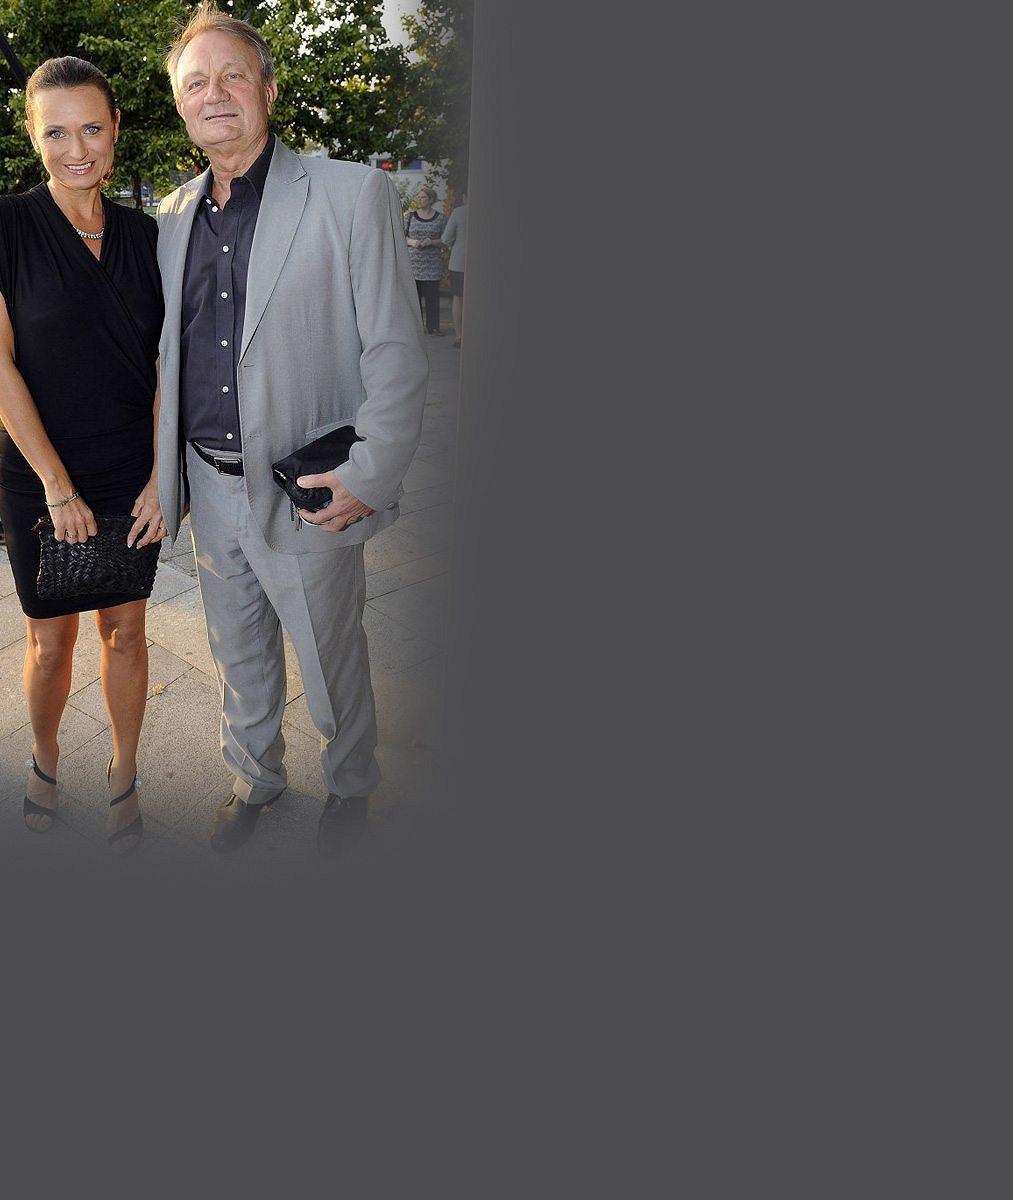 Neskutečně opálená: Manželka režiséra Adamce se s rodinou po čtvrt roce vrátila z Floridy. Prodali byt, koupili dům